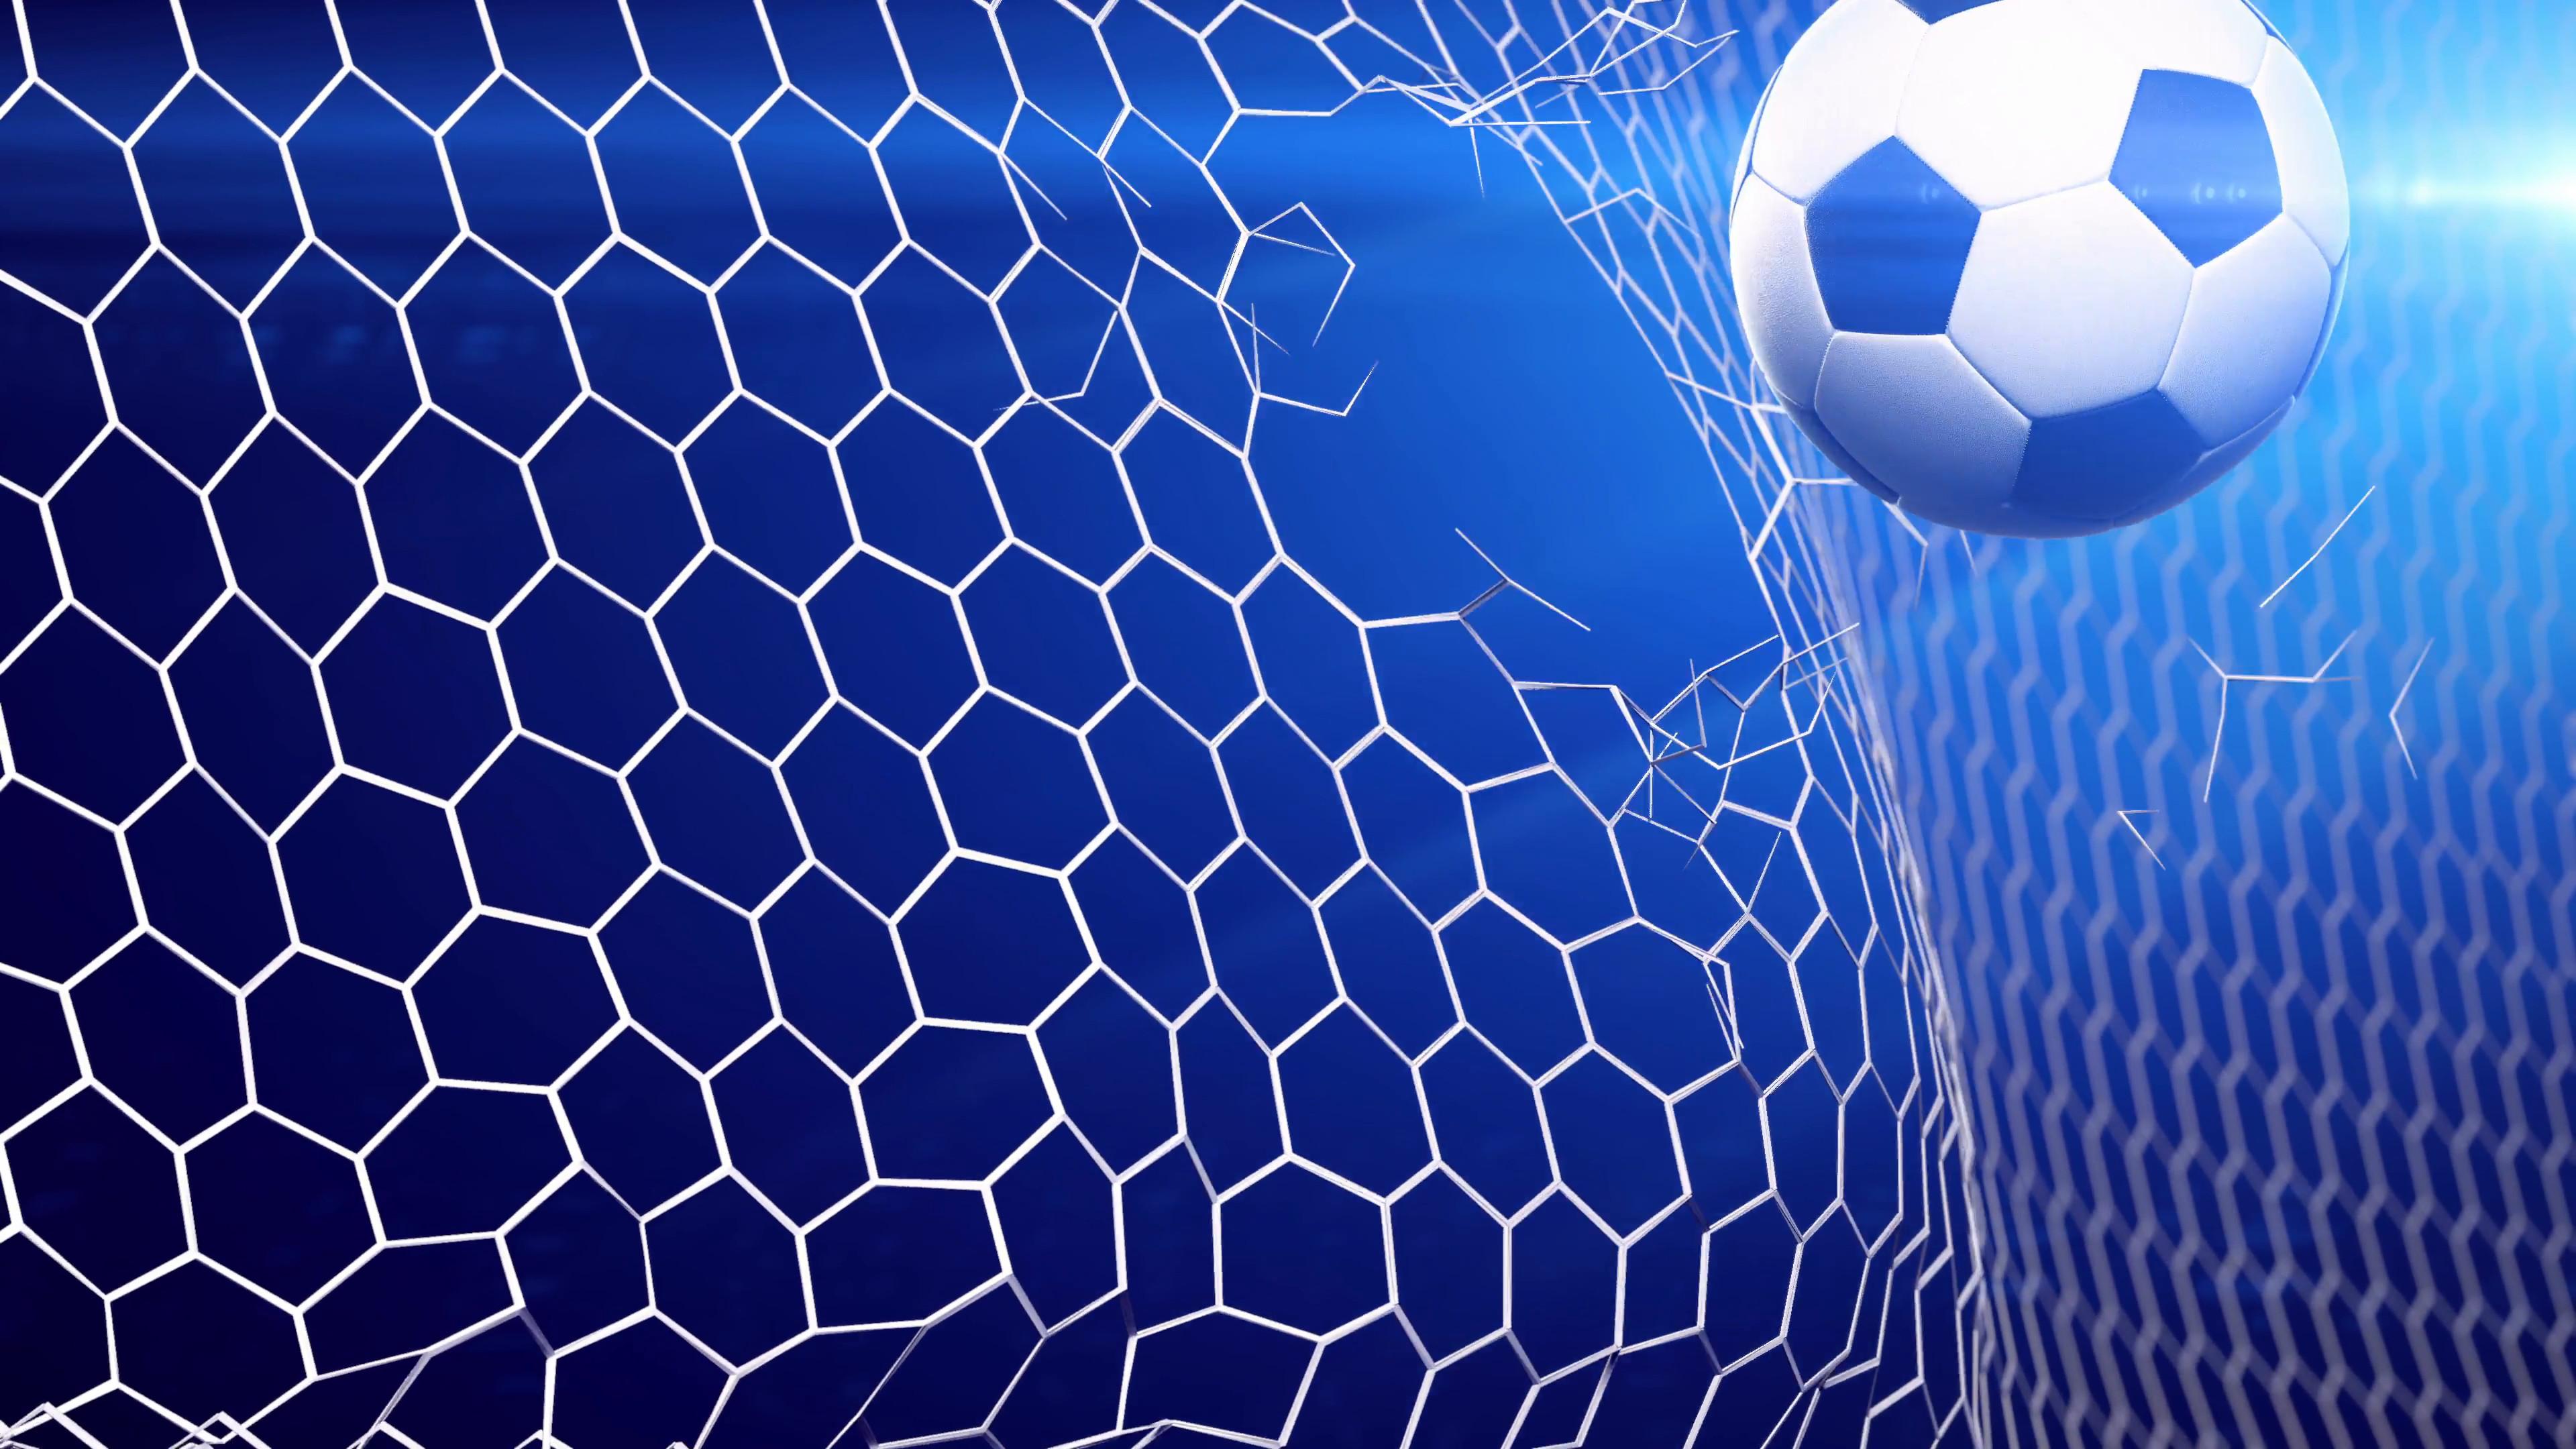 Soccer goal background